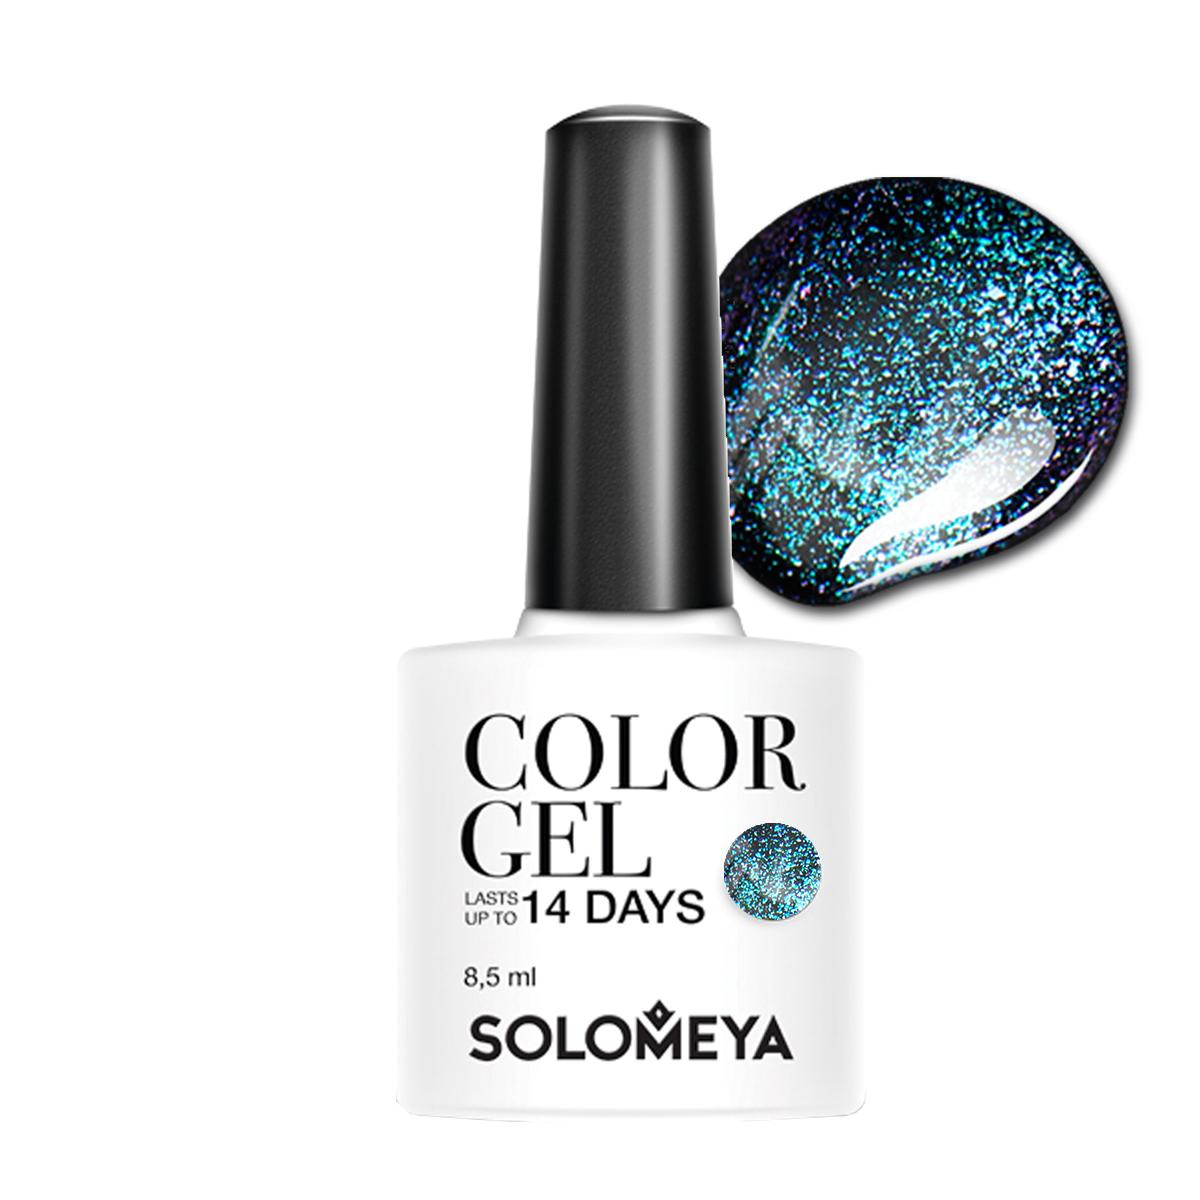 Купить SOLOMEYA Гель-лак для ногтей SCGС028 Северное сияние / Color Gel Polar Lights 8, 5 мл, Синие